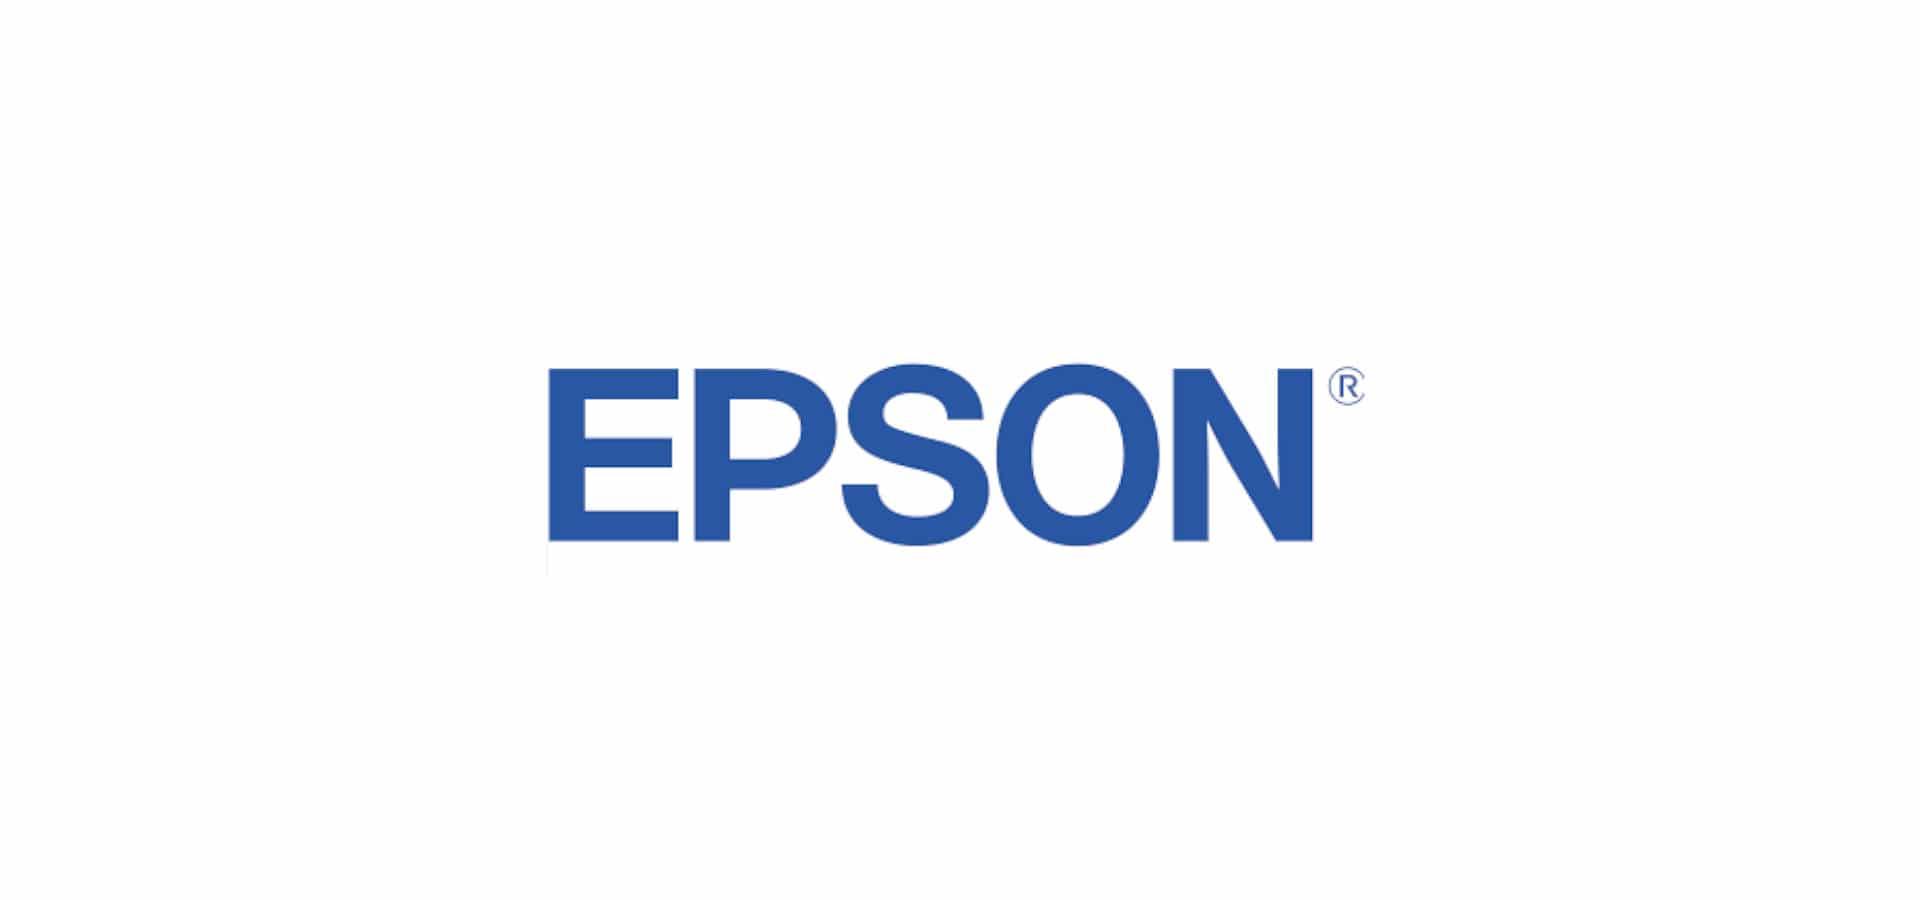 EPSON bietet mehr als nur Drucker und Kopierer